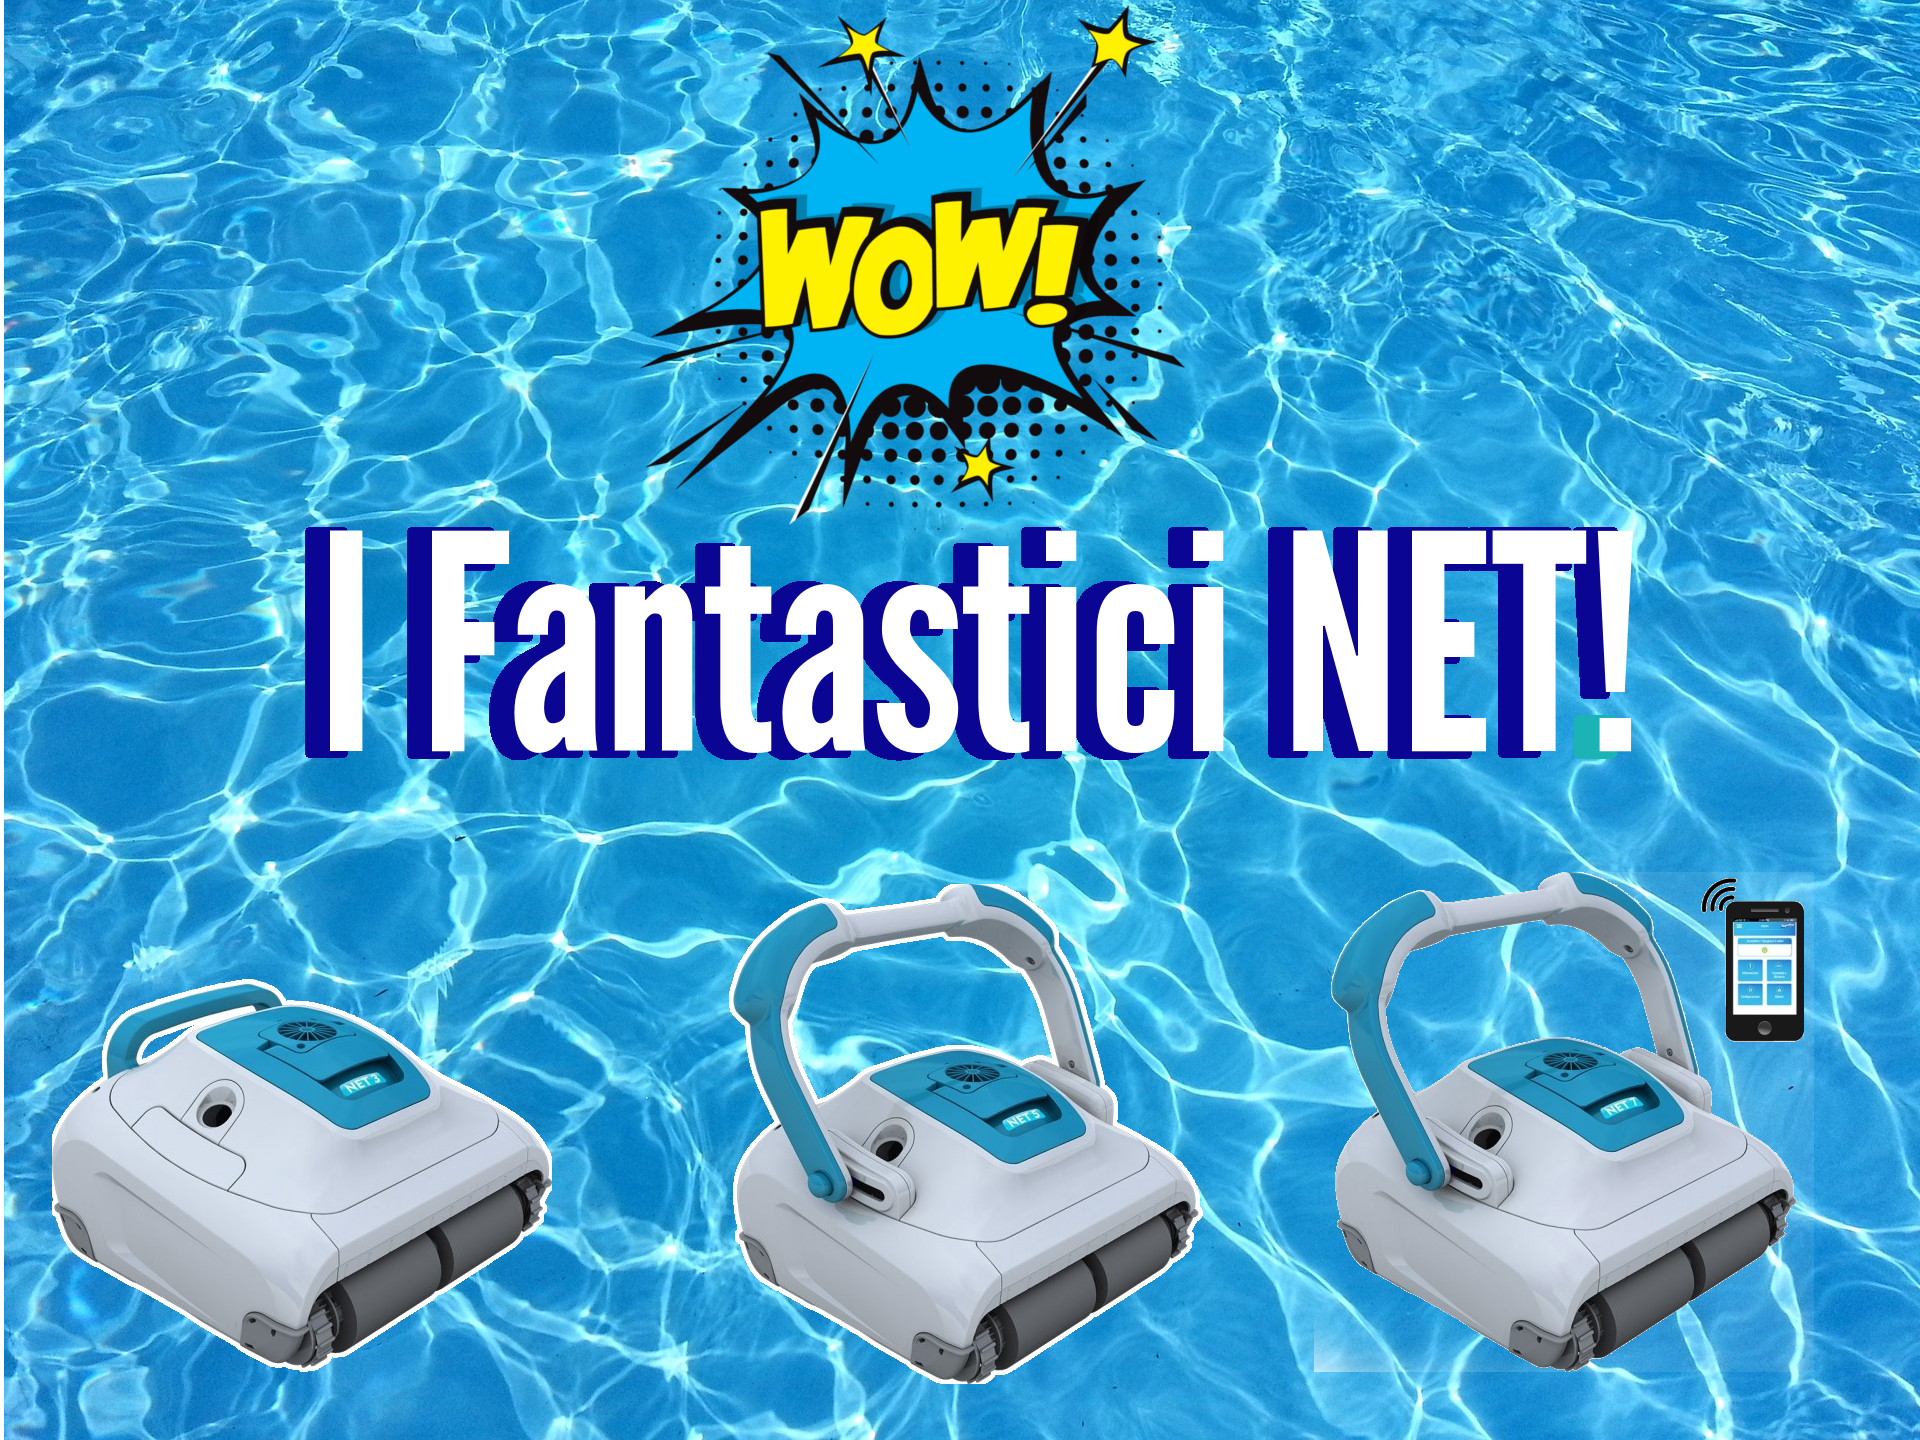 Robot NET